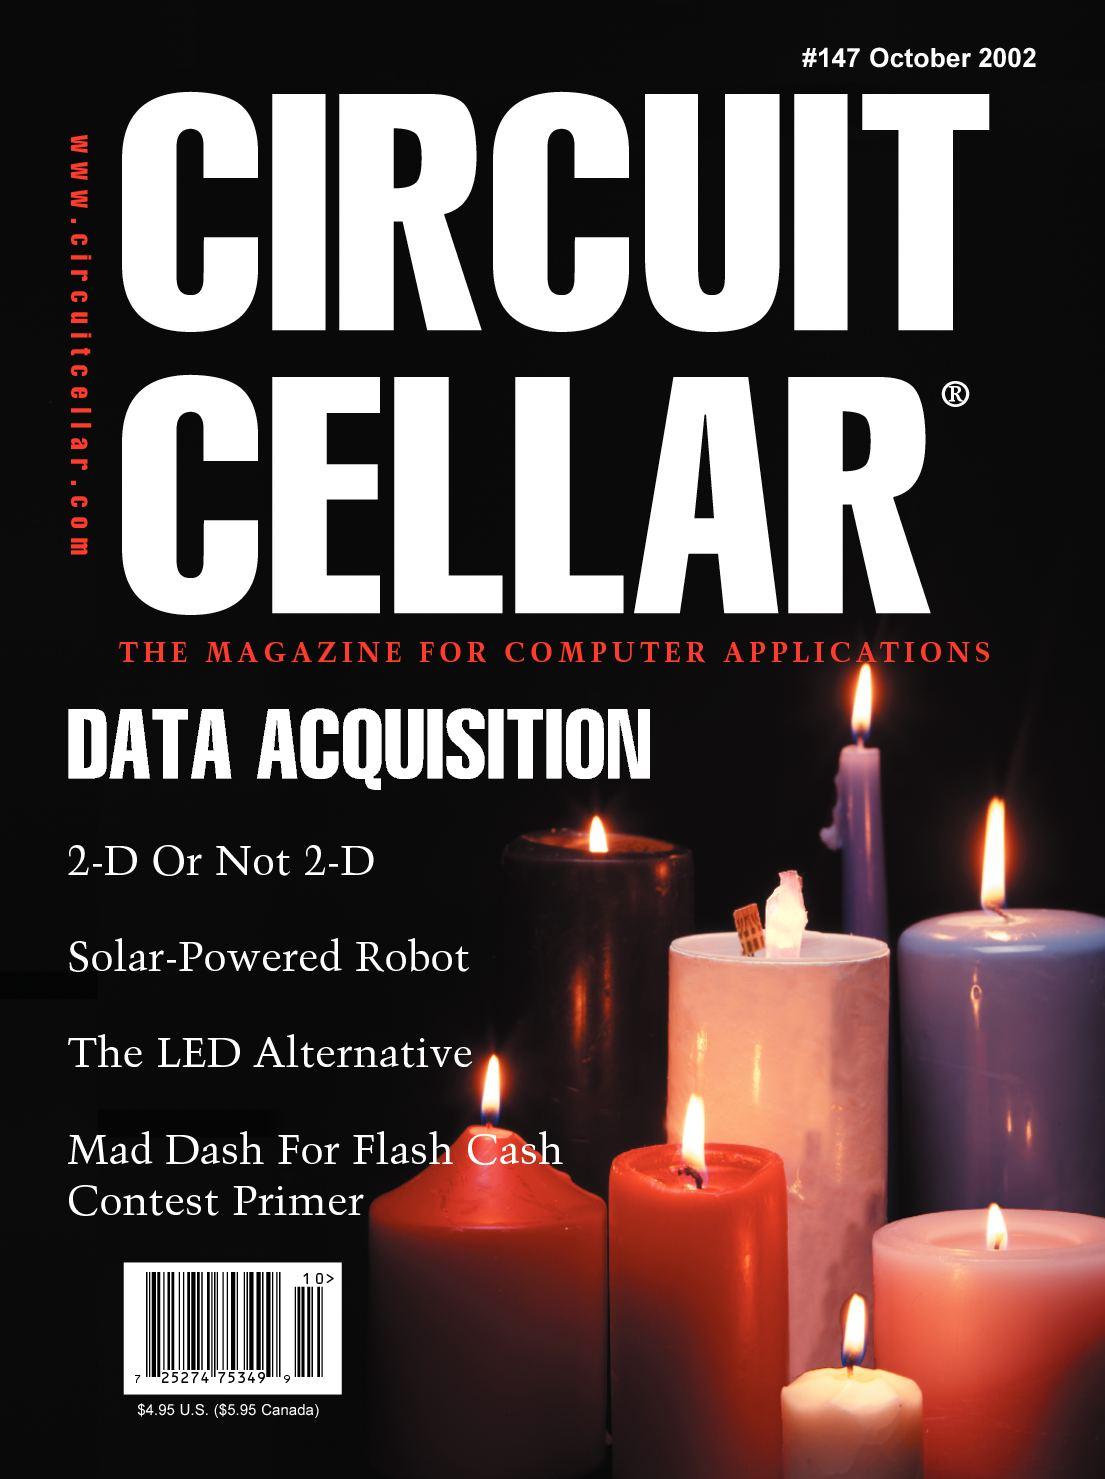 calaméo revista circuit cellar nº 147